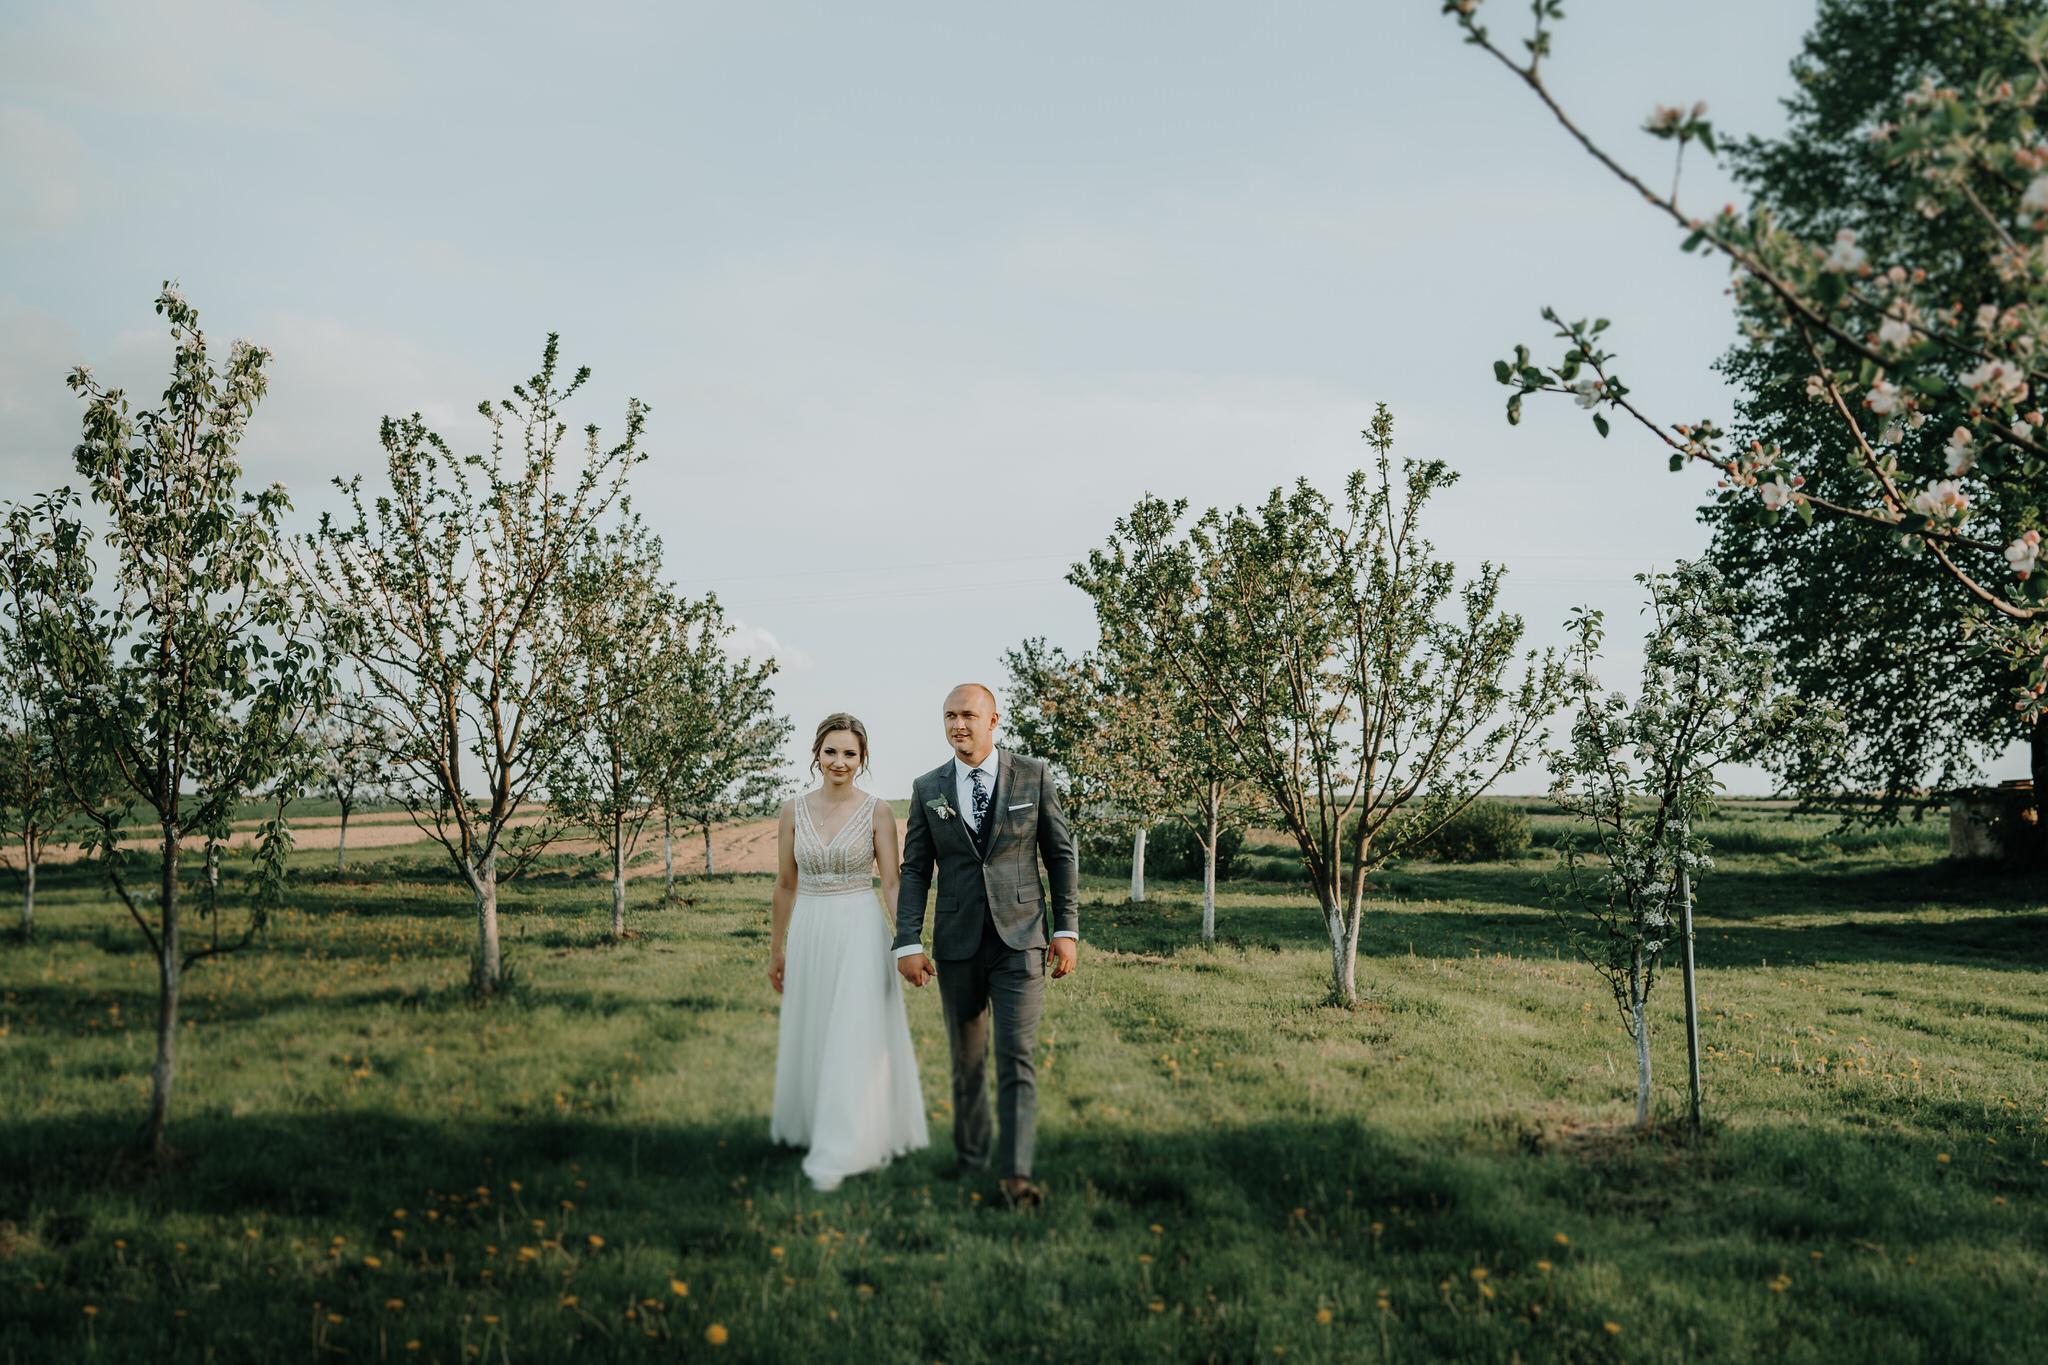 5 wesele rakowka reportaz slubny lubelskie 216 - Wesele w stodole Biłgoraj | 15.05.2021